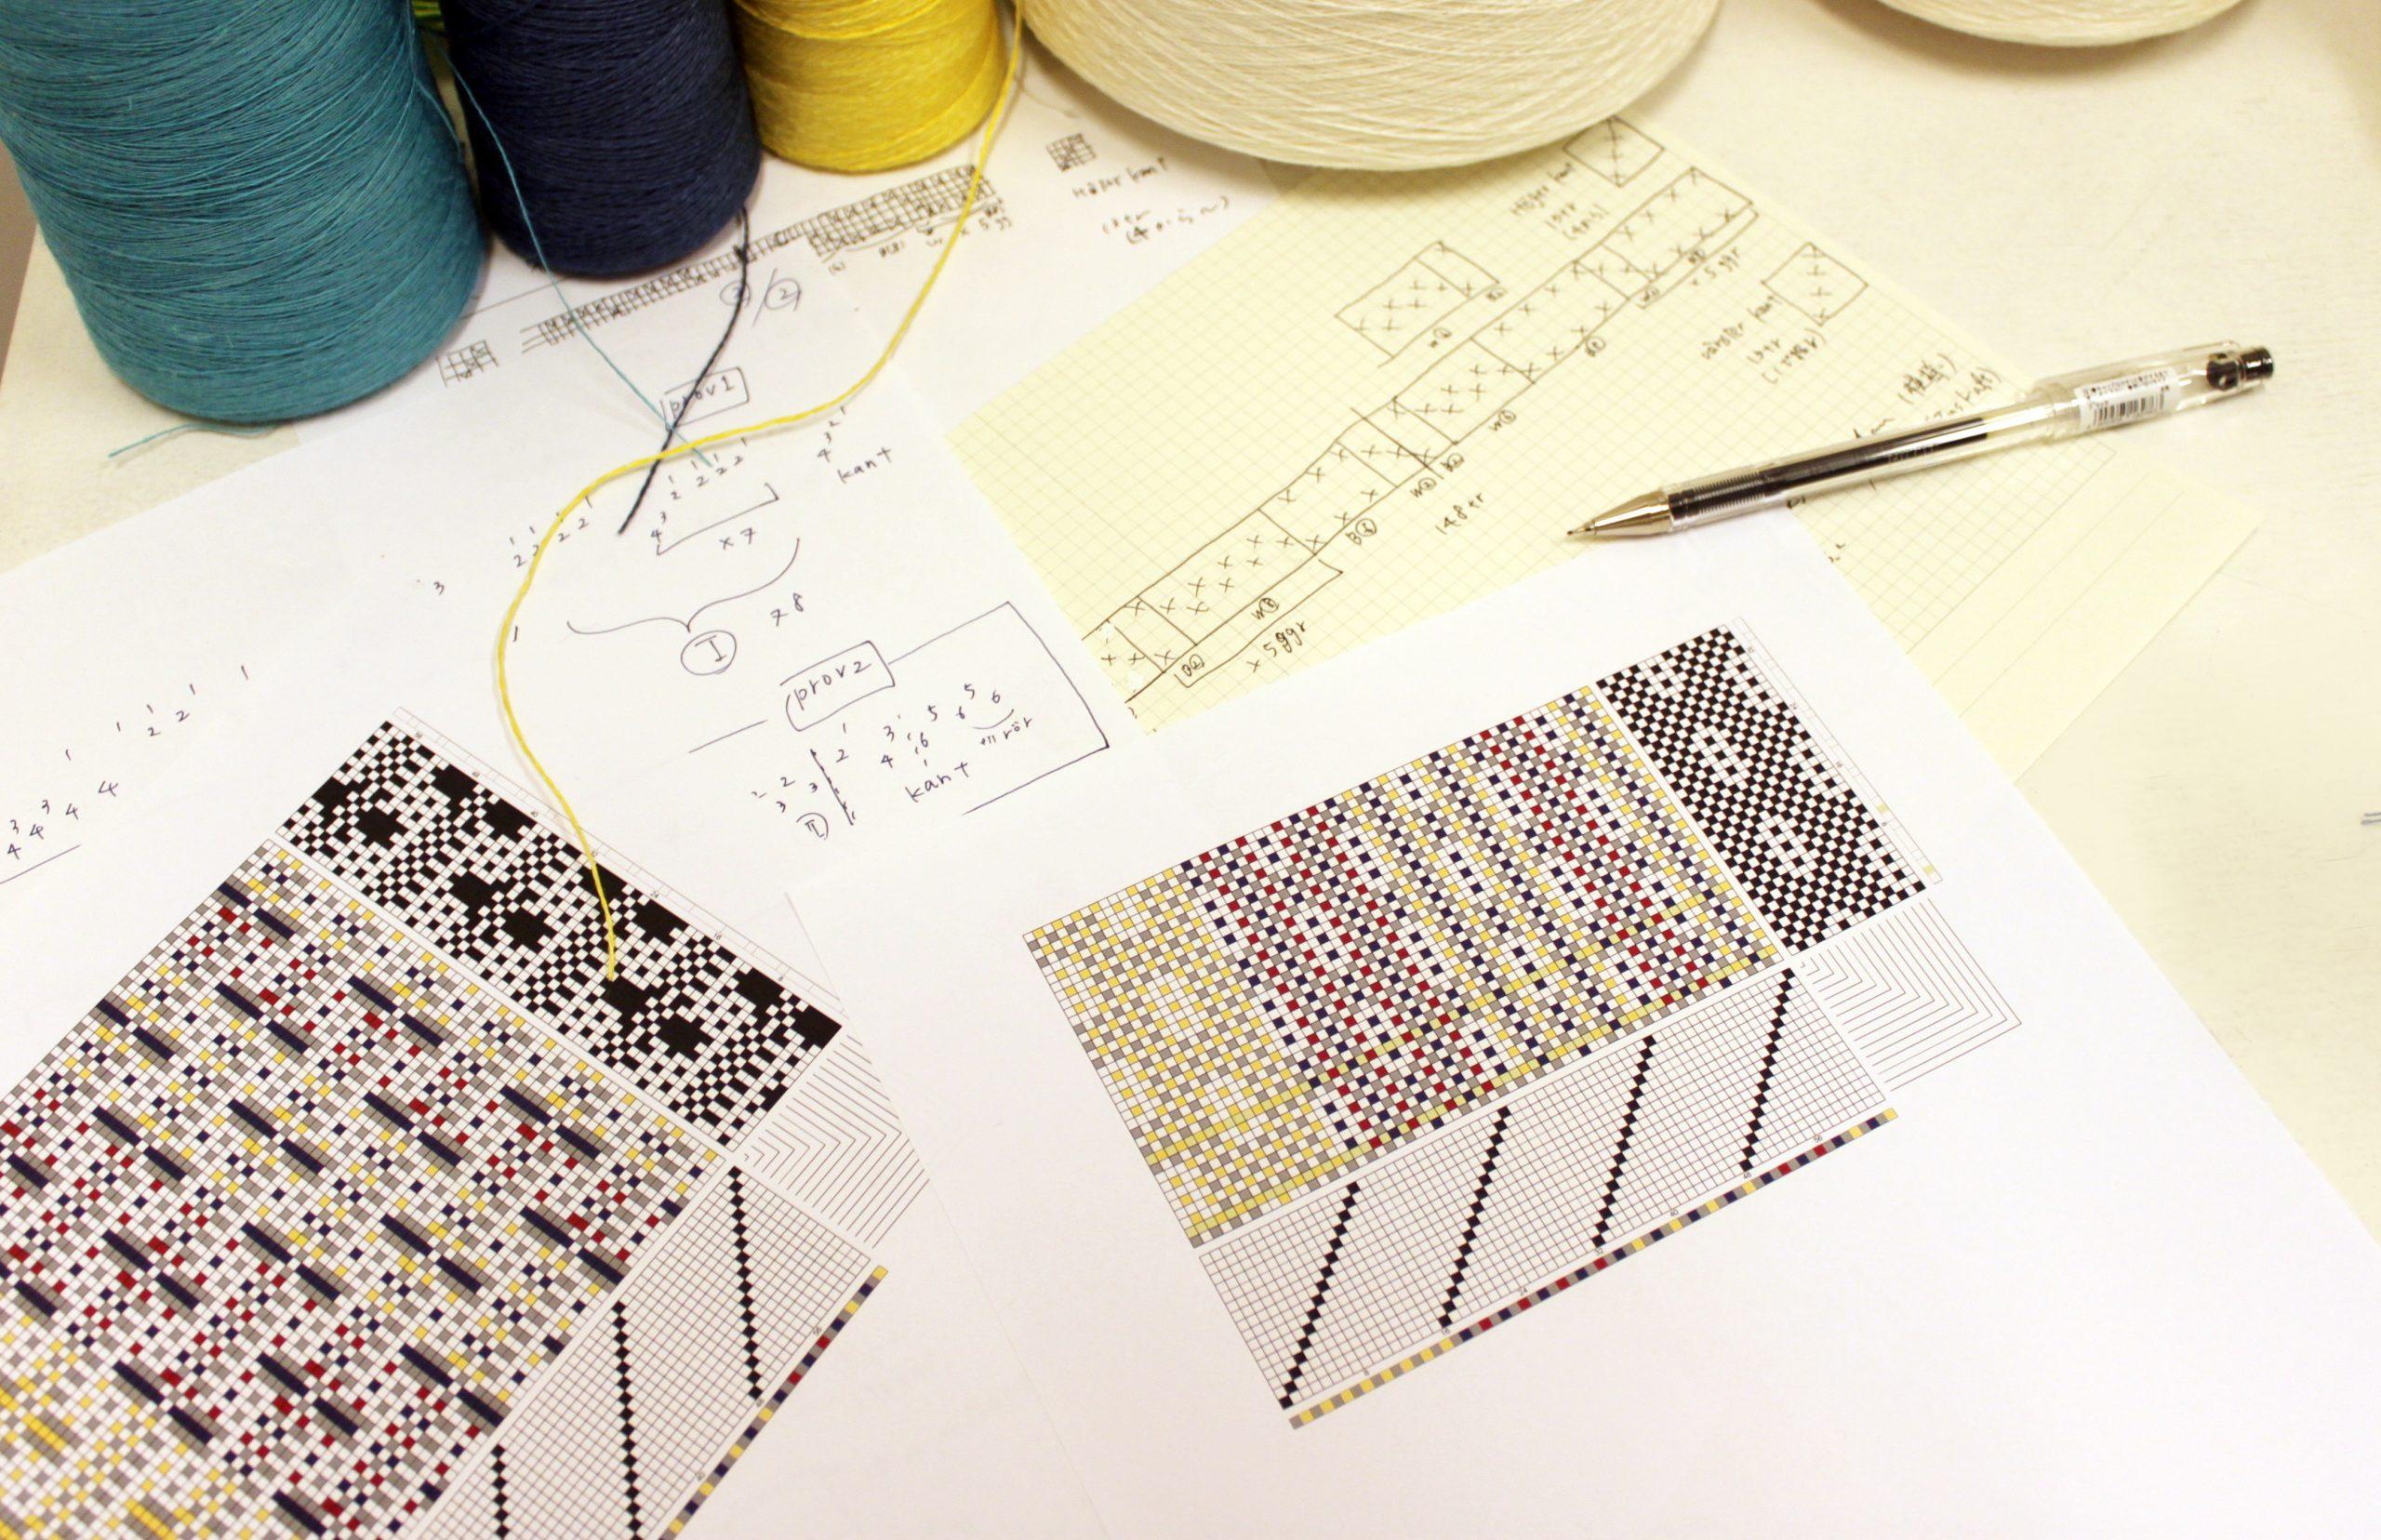 糸の交わり方が書かれた織物の設計図を基に、風合いを考えます。